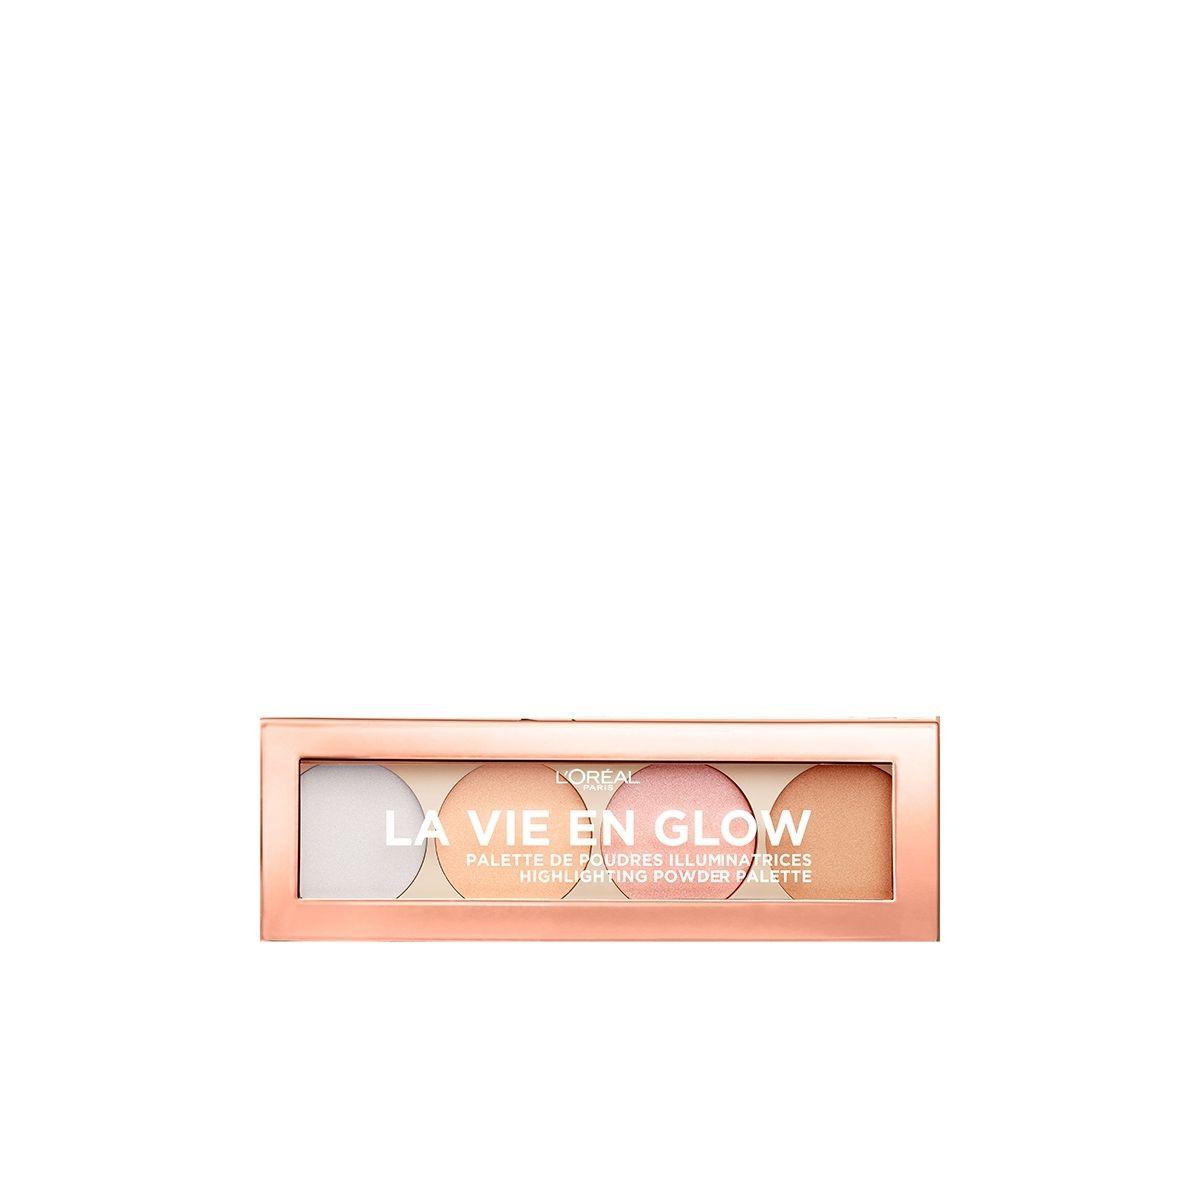 L'Oréal La Vie En Glow  Paleta de Iluminadores